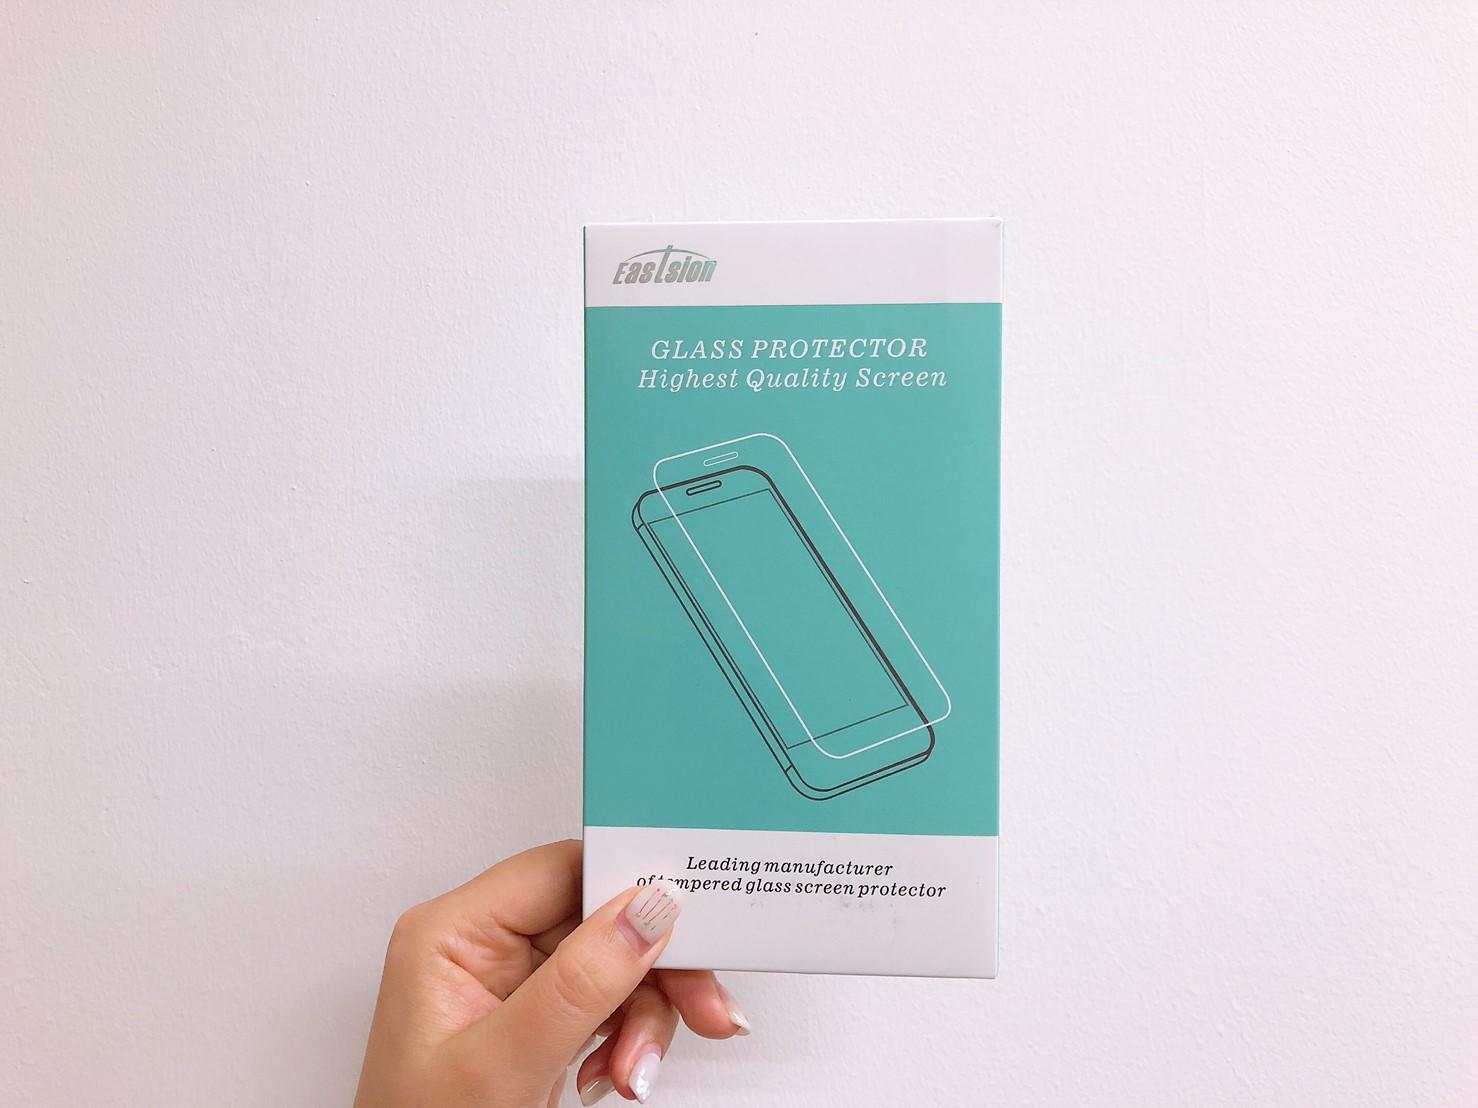 iPhoneガラスフィルムEastsion